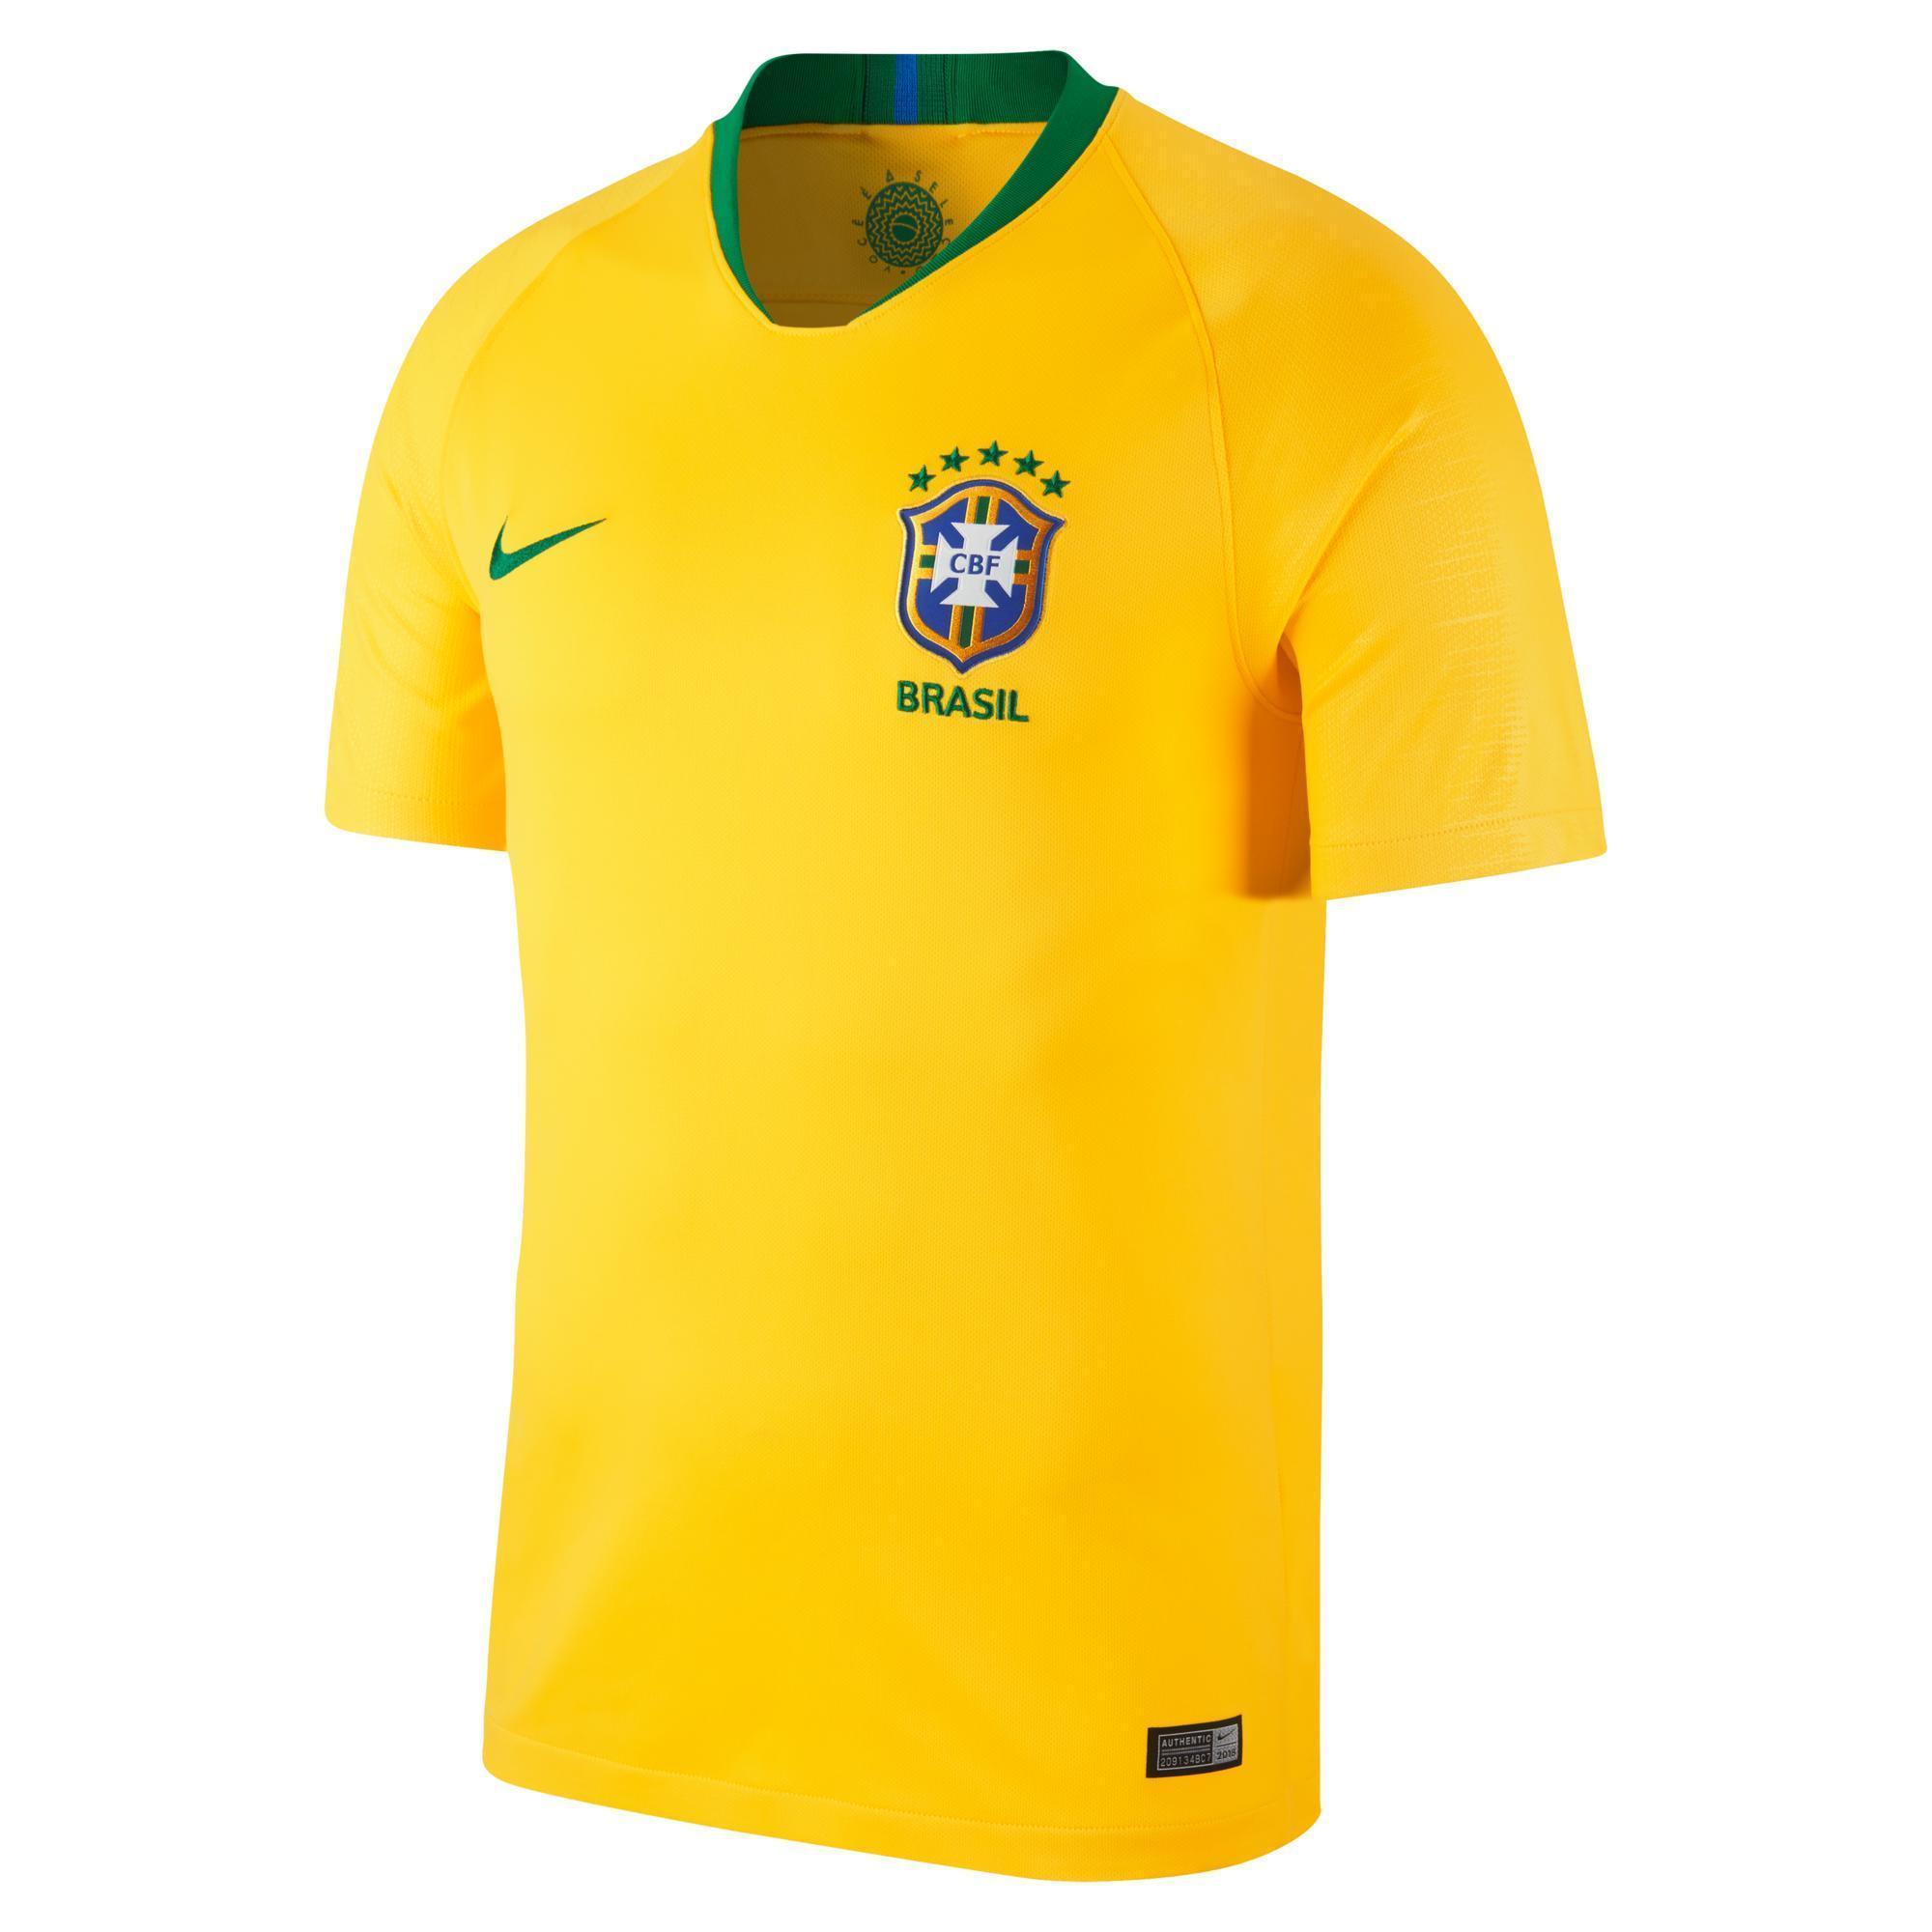 Nike Voetbalshirt Brazilië thuisshirt WK 2018 voor kinderen geel